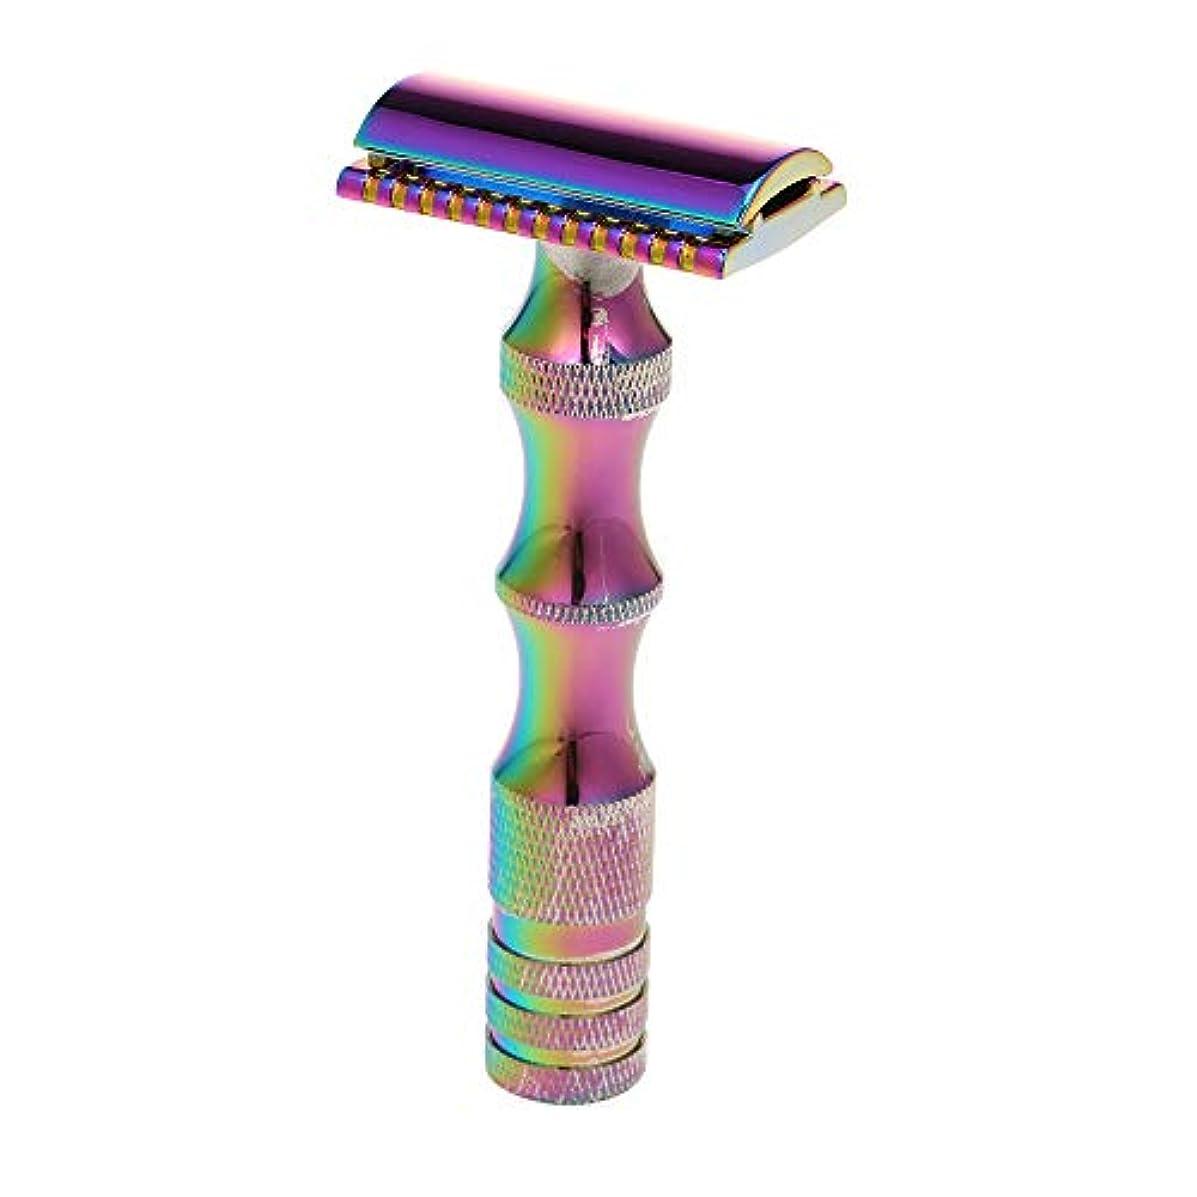 Decdeal ダブルエッジシェービング カミソリ 安全 髭剃り シェービングツール